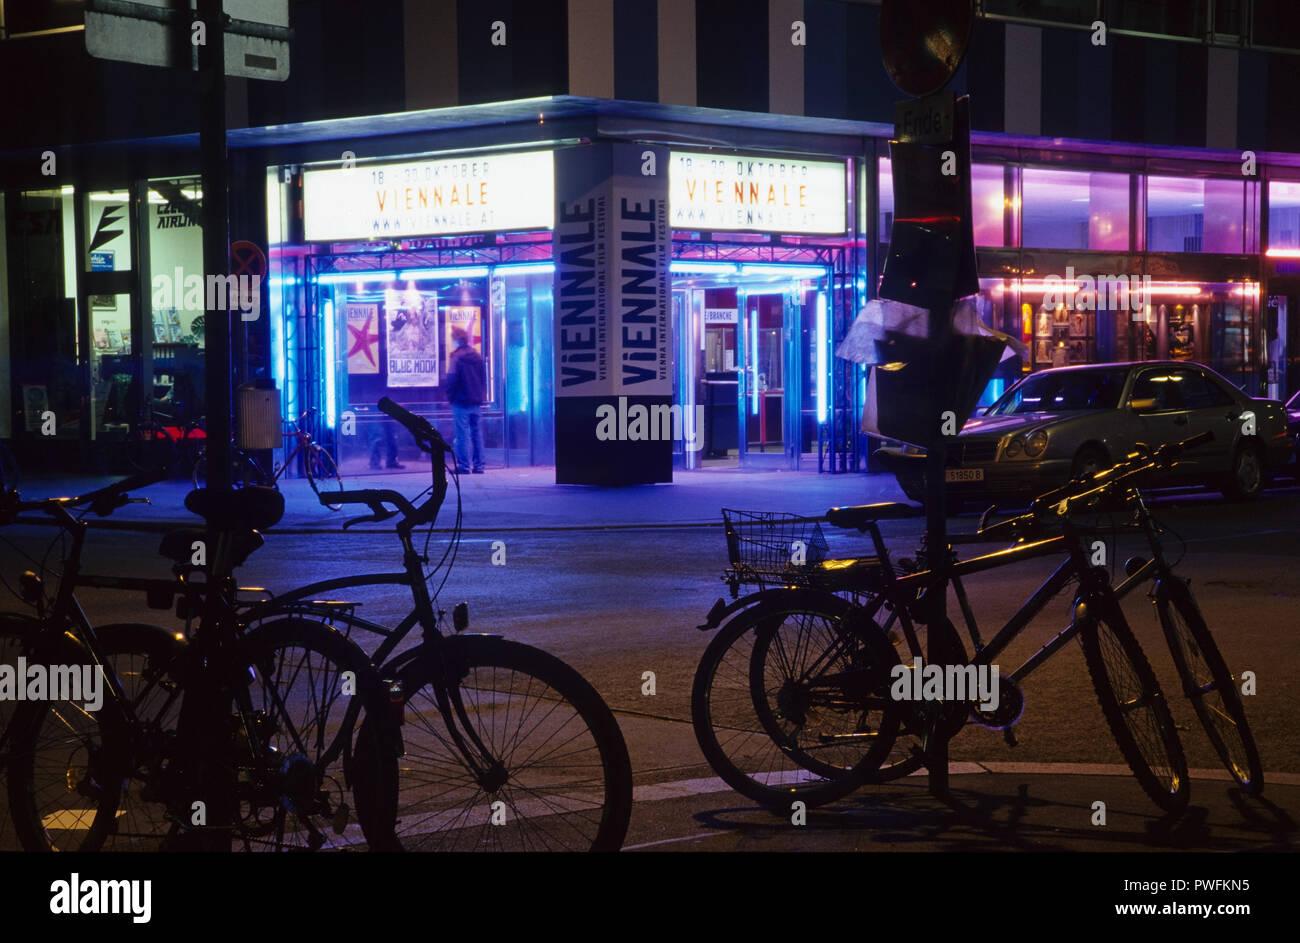 Wien, la Viennale, Gartenbau-Kino - Viena, la Viennale, Cine Gartenbau Imagen De Stock